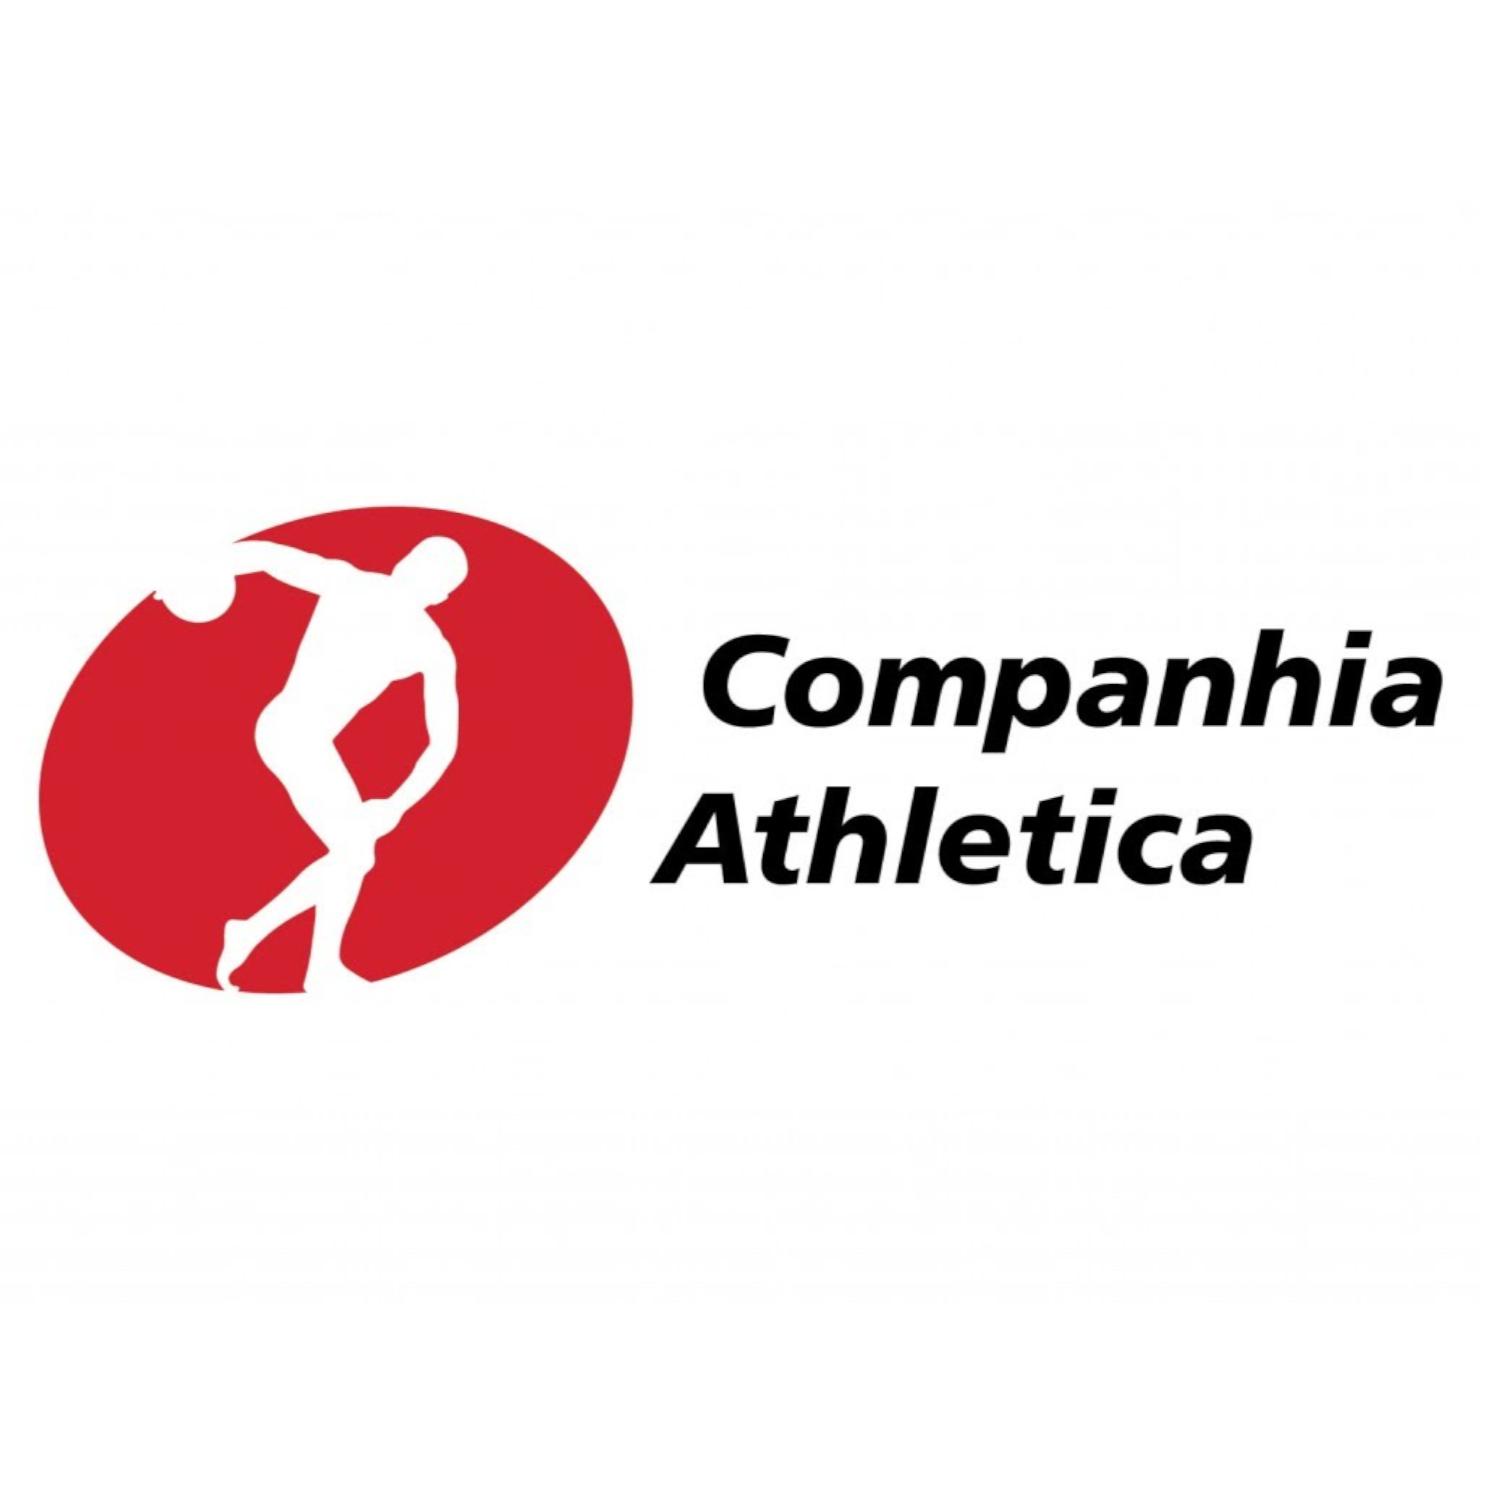 Logo Companhia Athletica